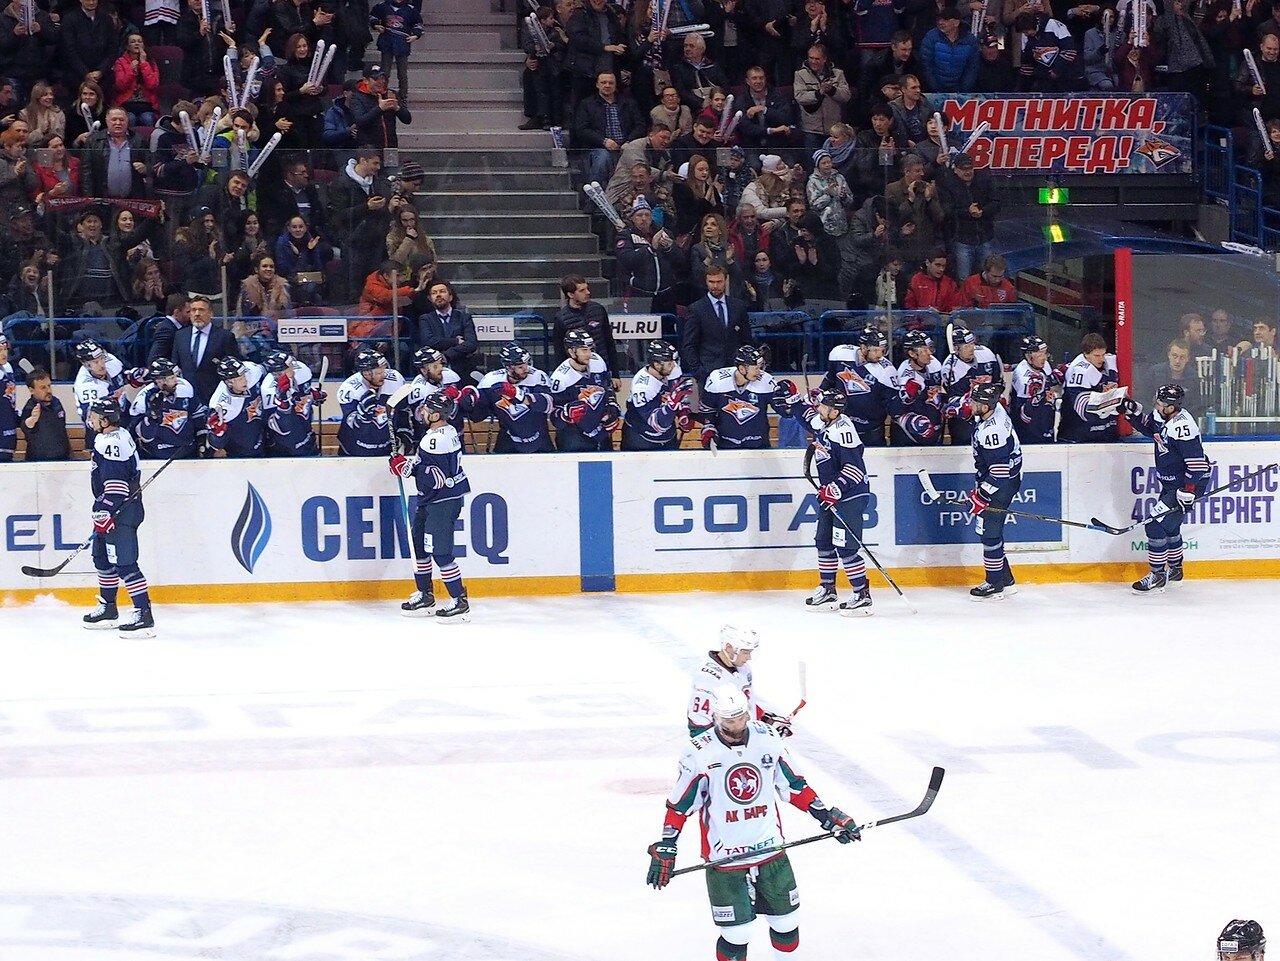 81 Первая игра финала плей-офф восточной конференции 2017 Металлург - АкБарс 24.03.2017